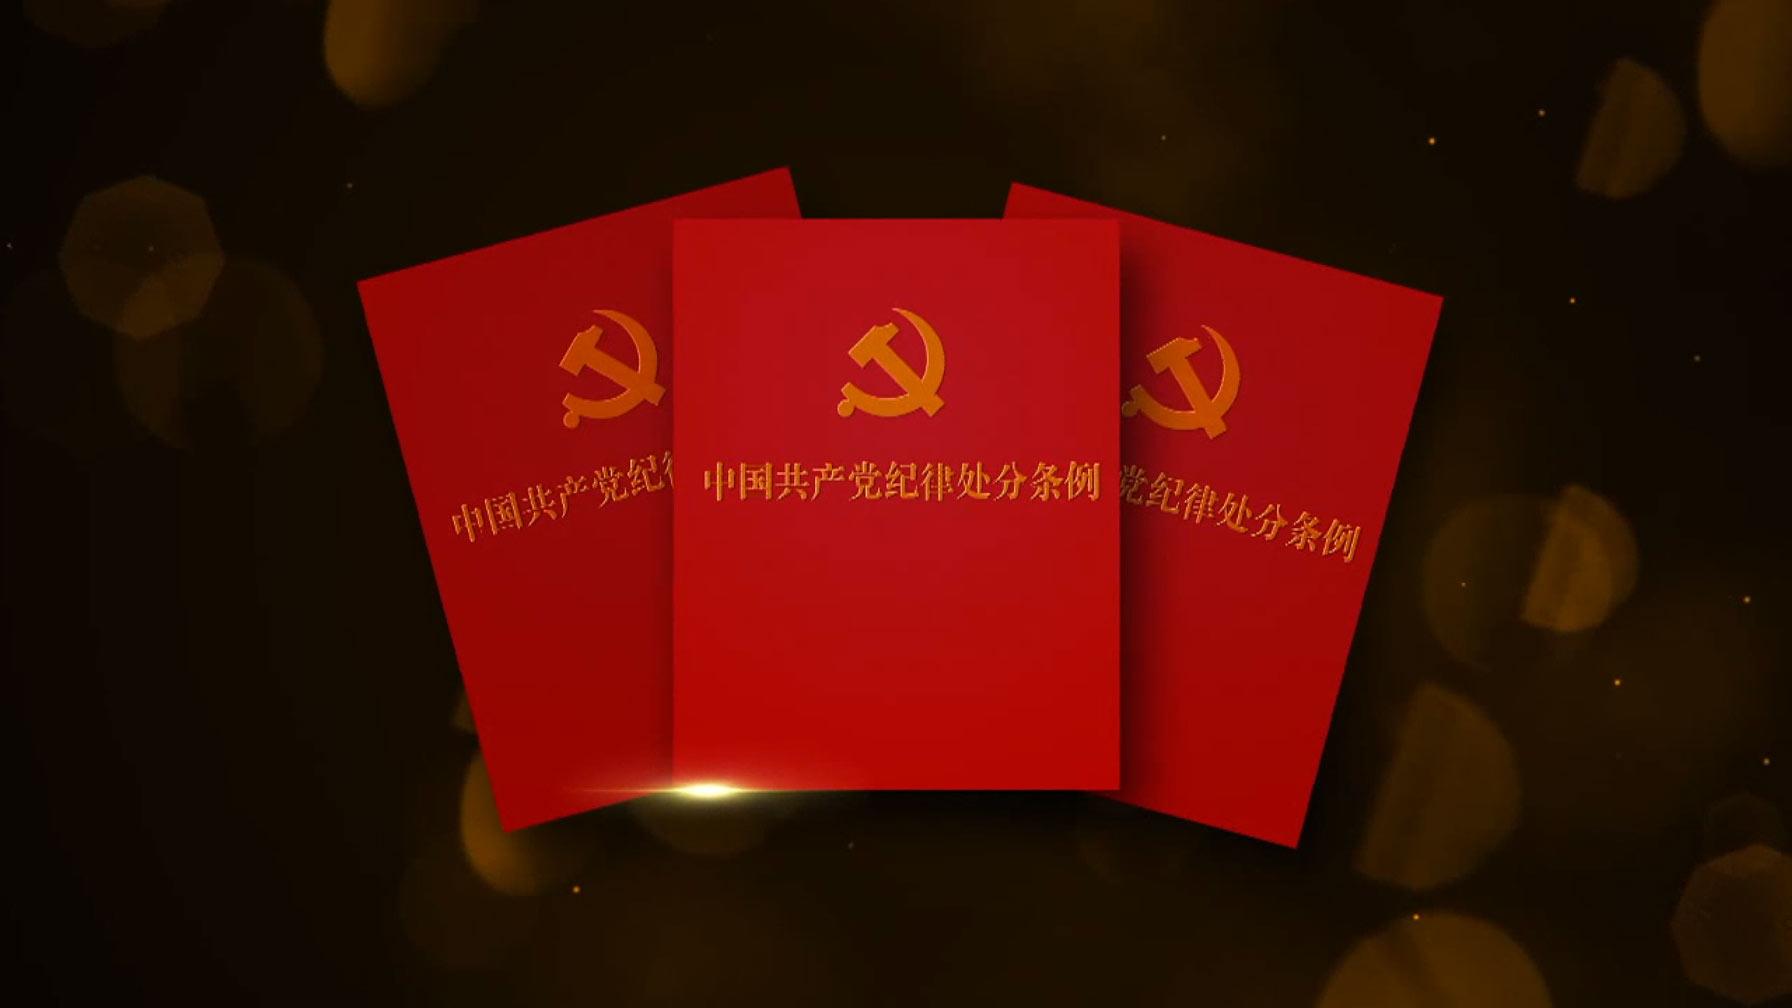 新版《中国共产党纪律处分条例》解读